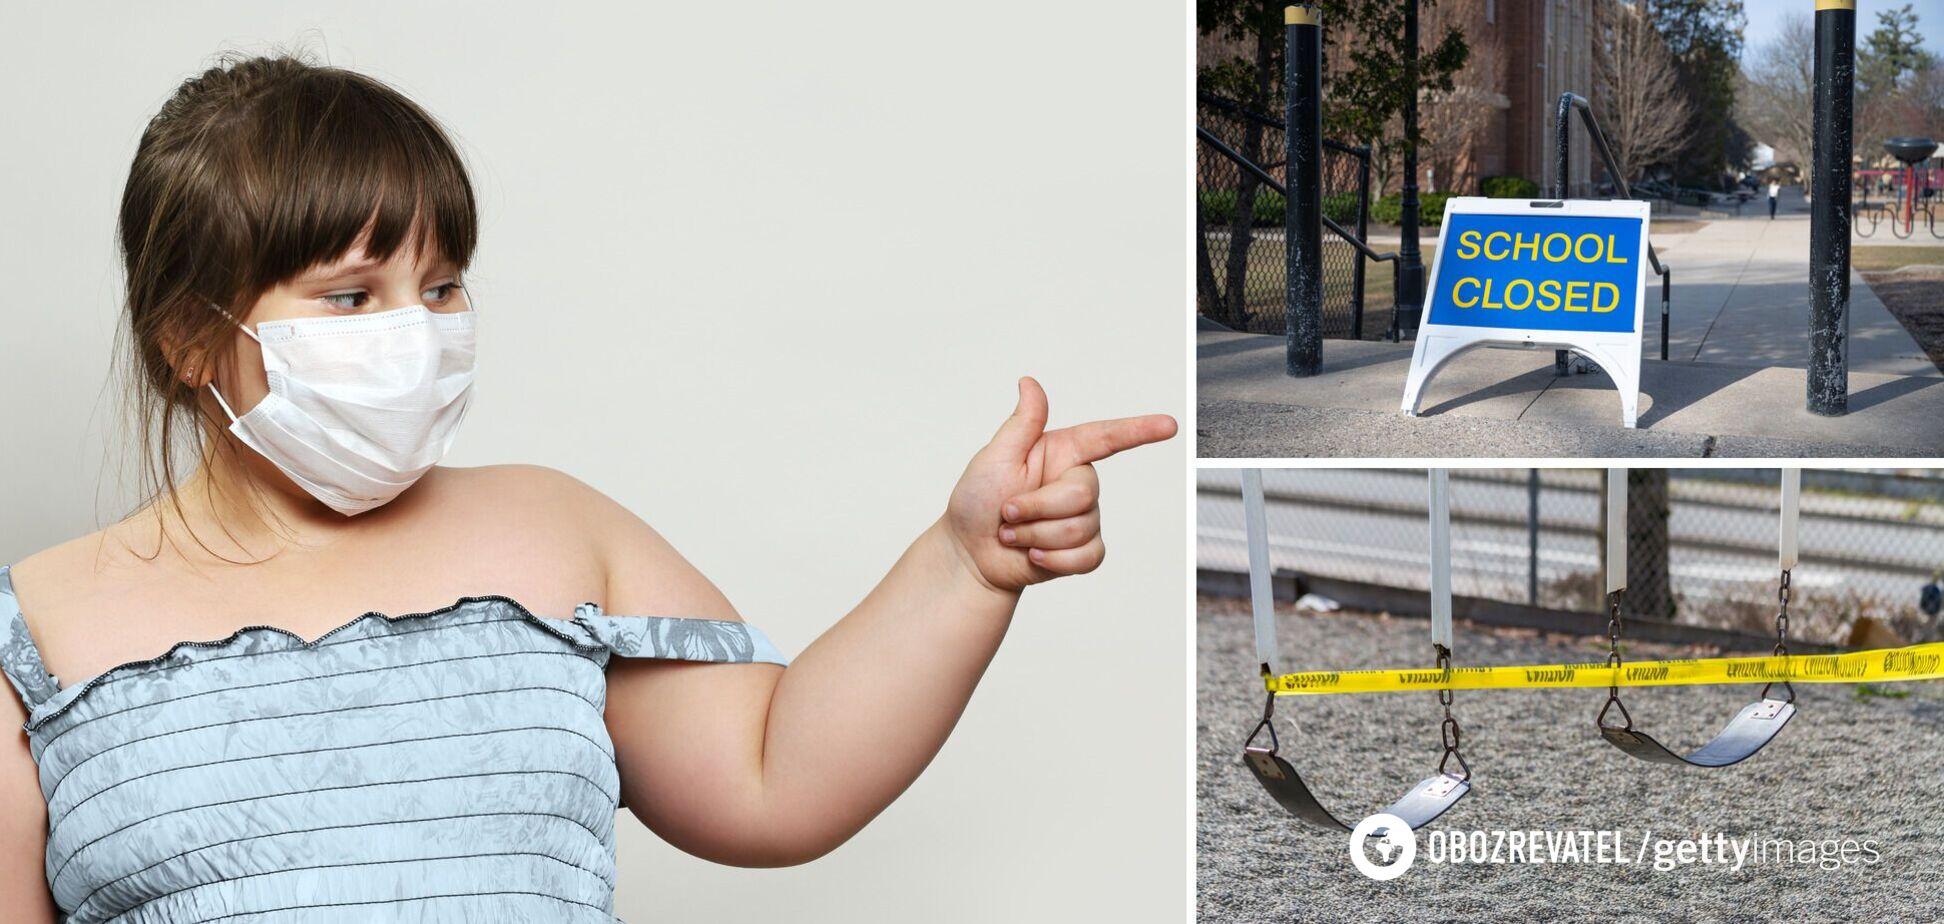 В ВОЗ заявили об опасных последствиях карантина из-за COVID-19 для детей